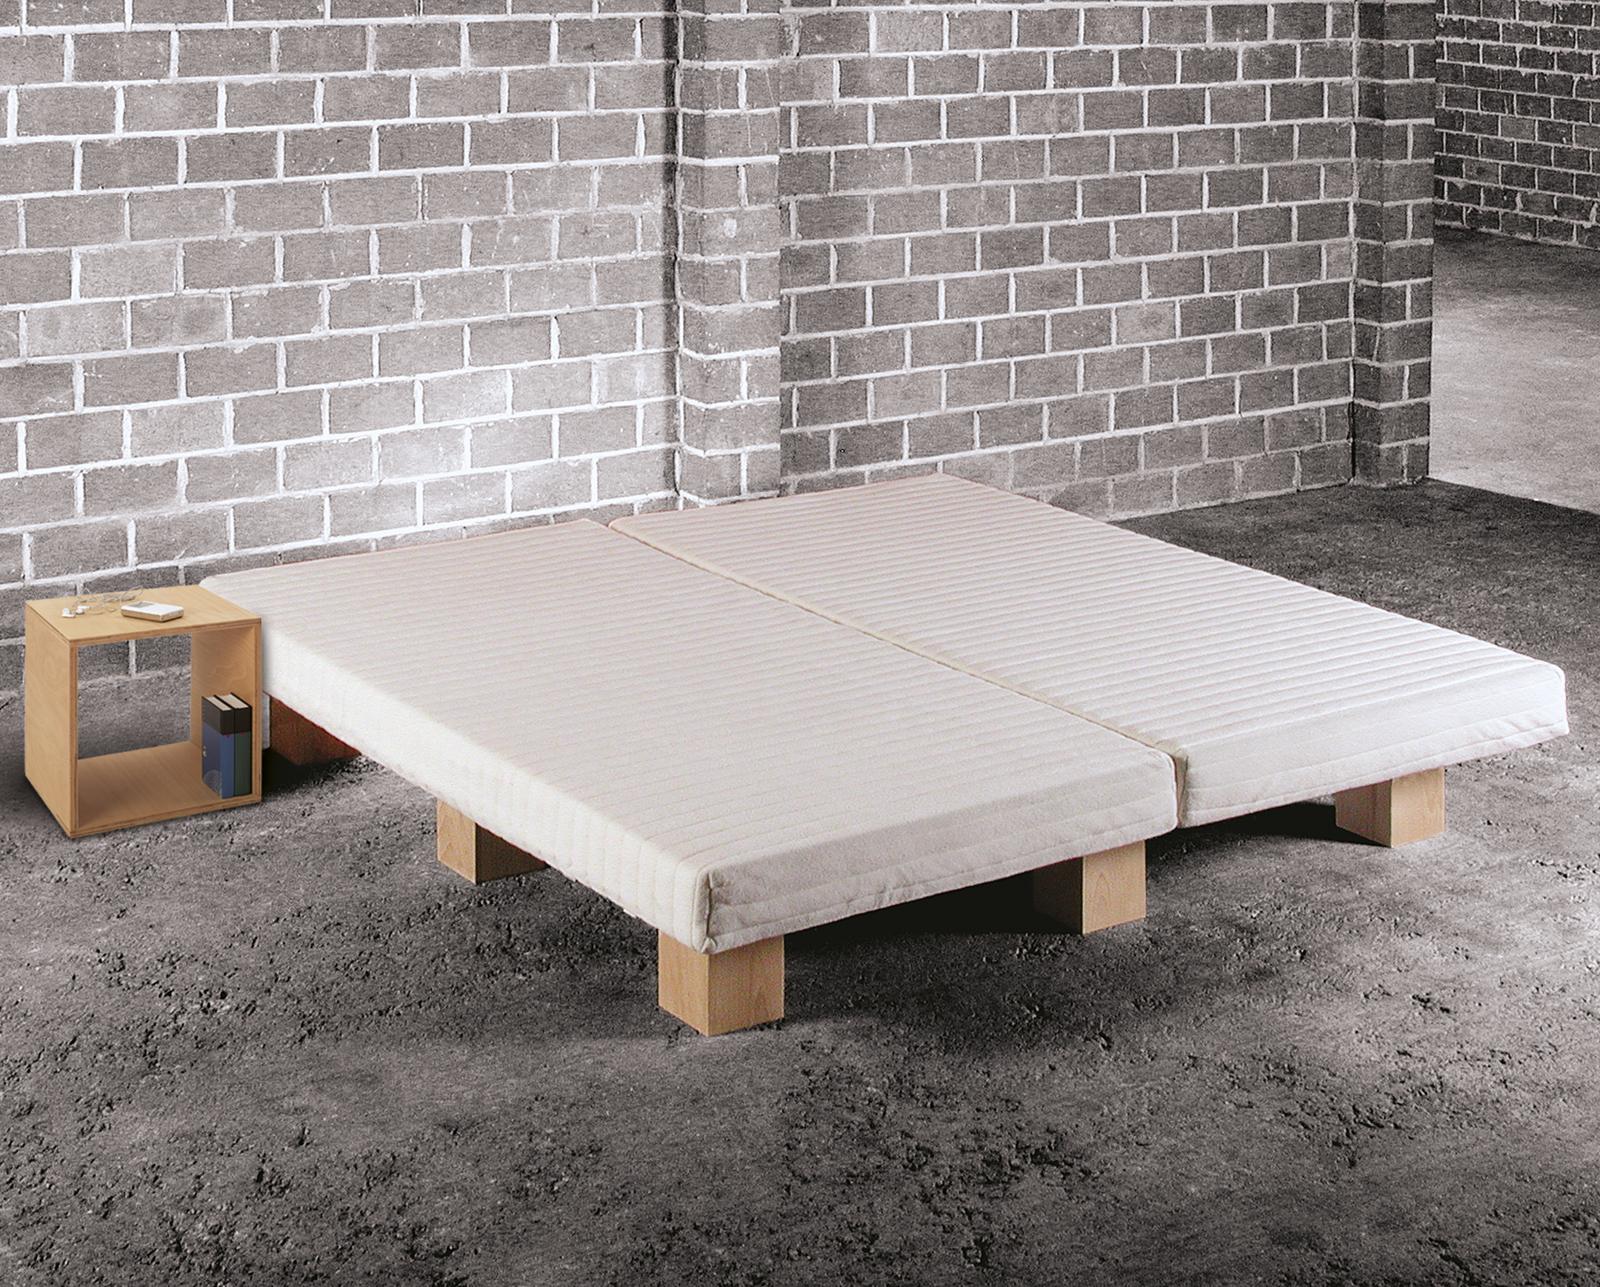 Bett selber bauen ohne lattenrost  Bettsystem Tojo - günstiges innovatives Designerbett | BETTEN.de